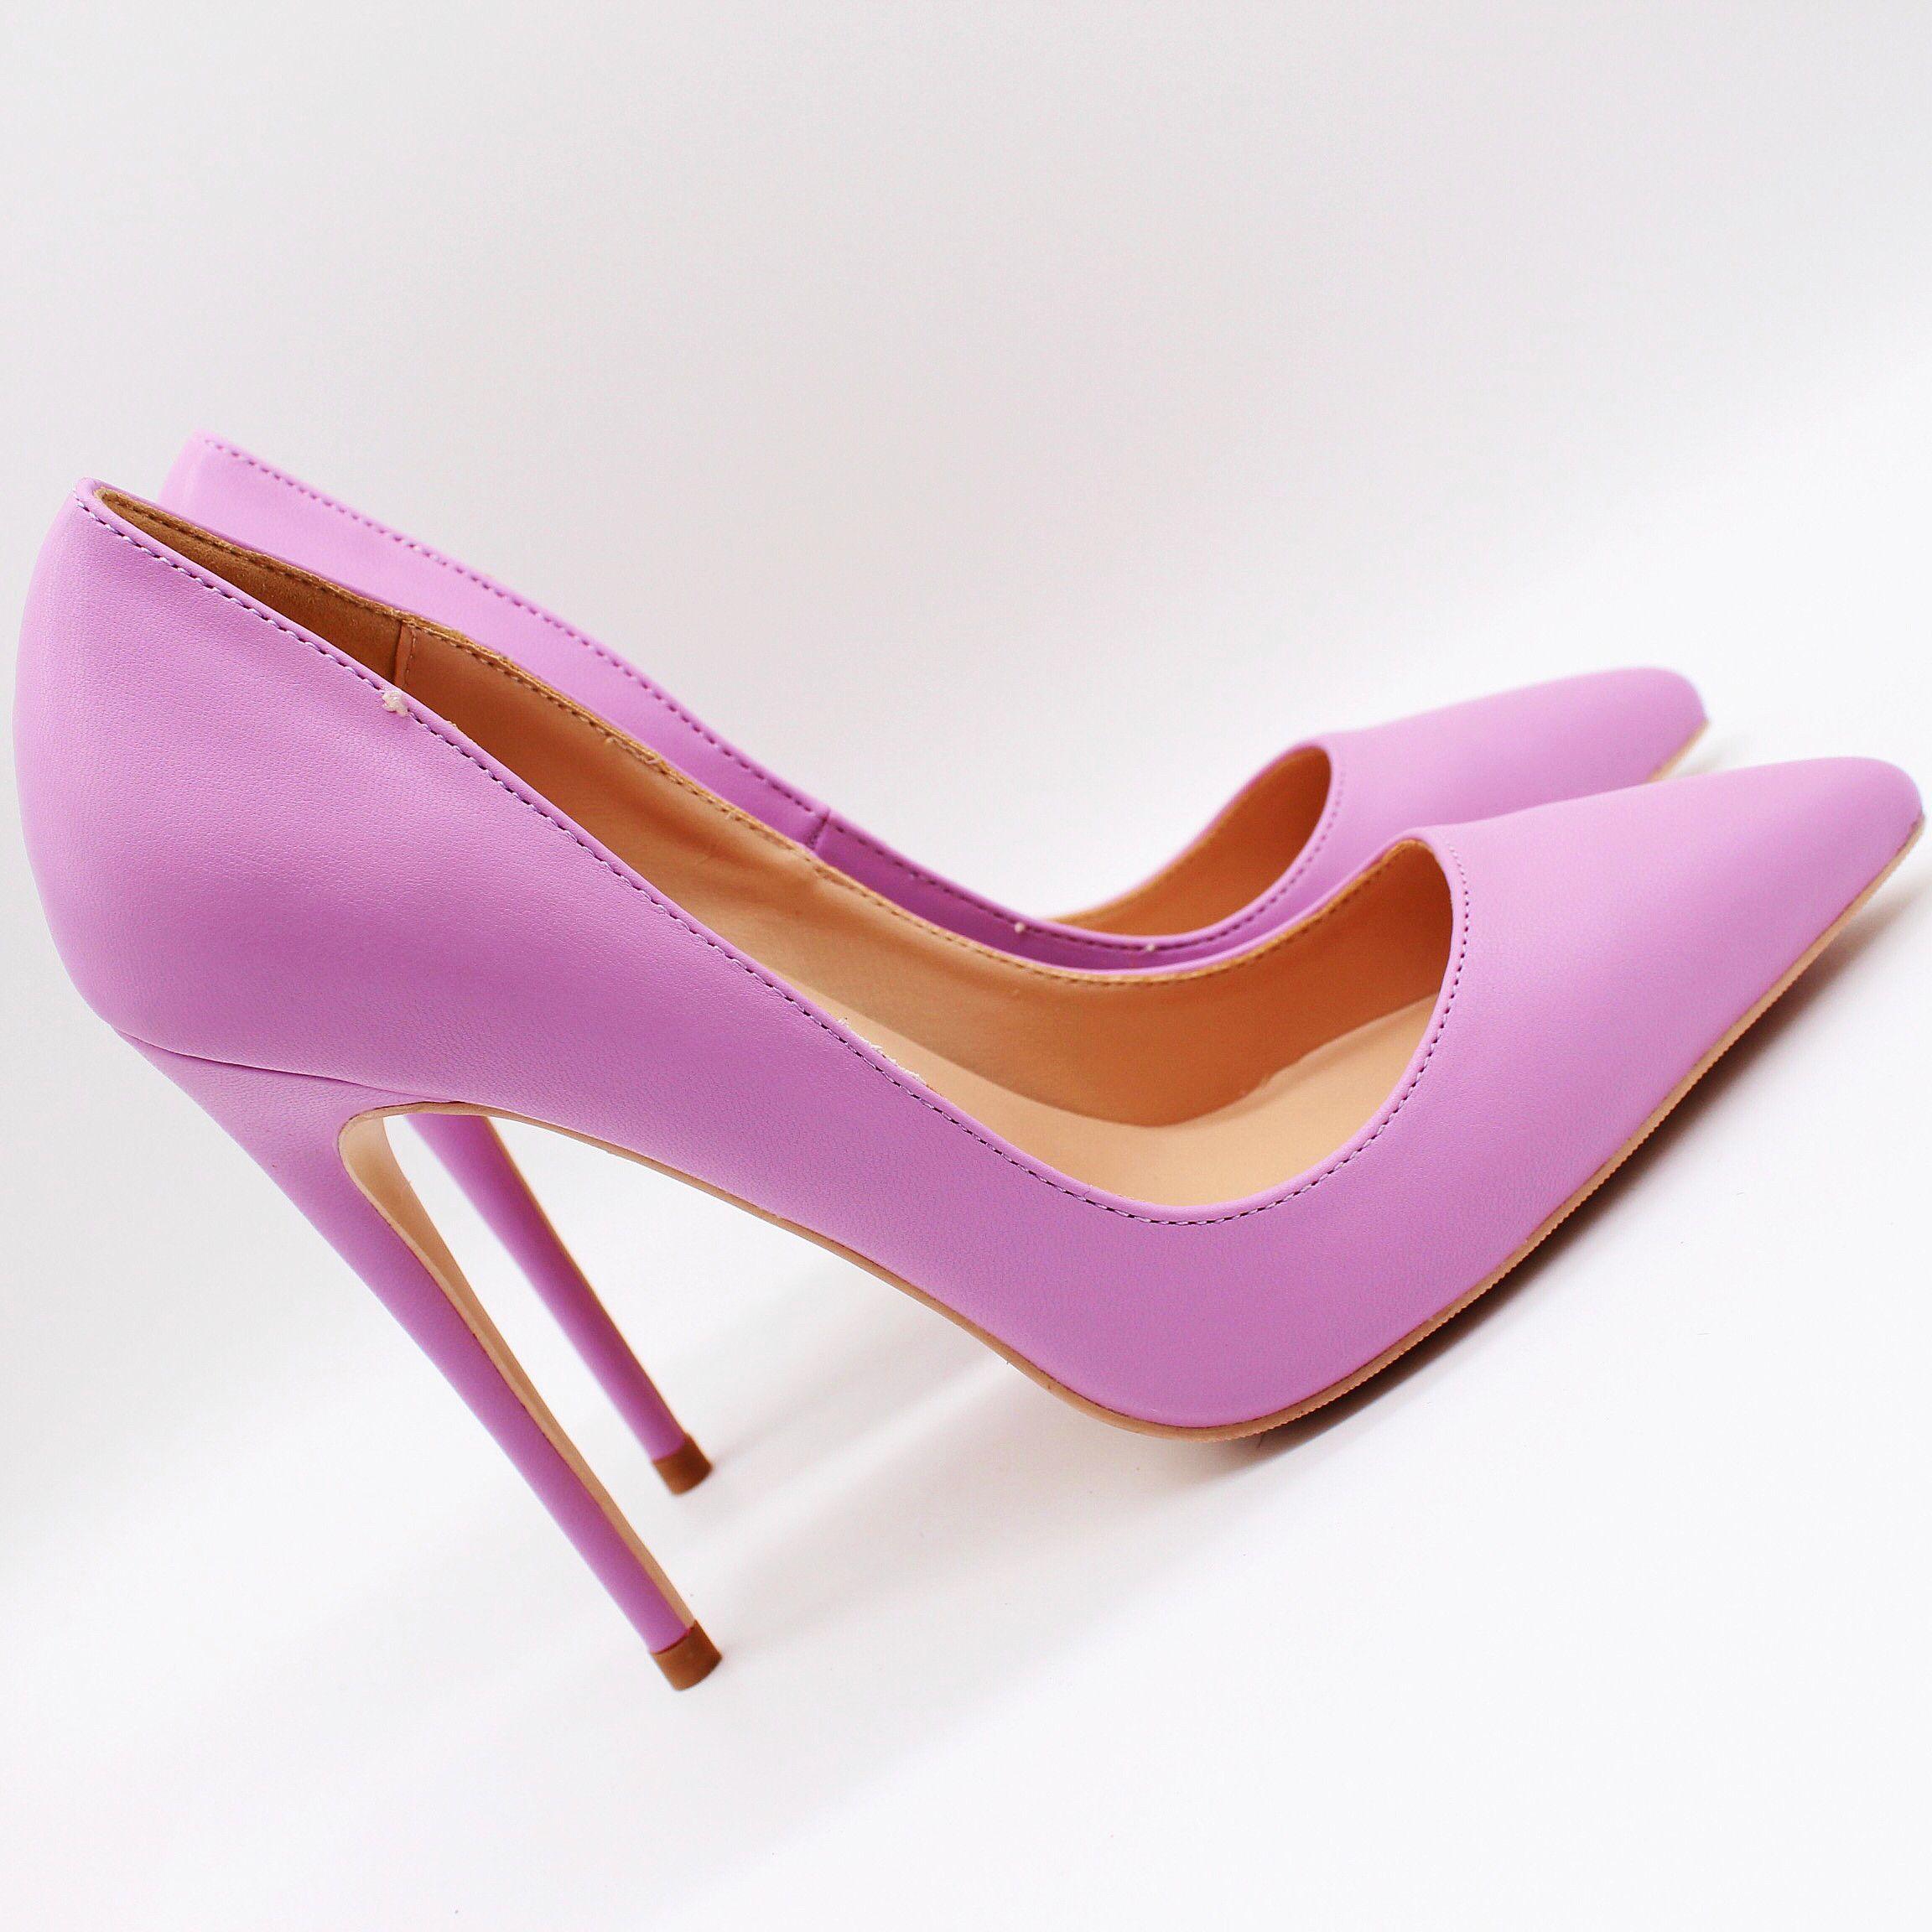 blingbling mulheres sapatos de salto alto stilettos couro roxo mate Ponto toe sexy de salto alto bombas de casamento sapatos de festa bombas de 12 centímetros 10 centímetros oito centímetros praty